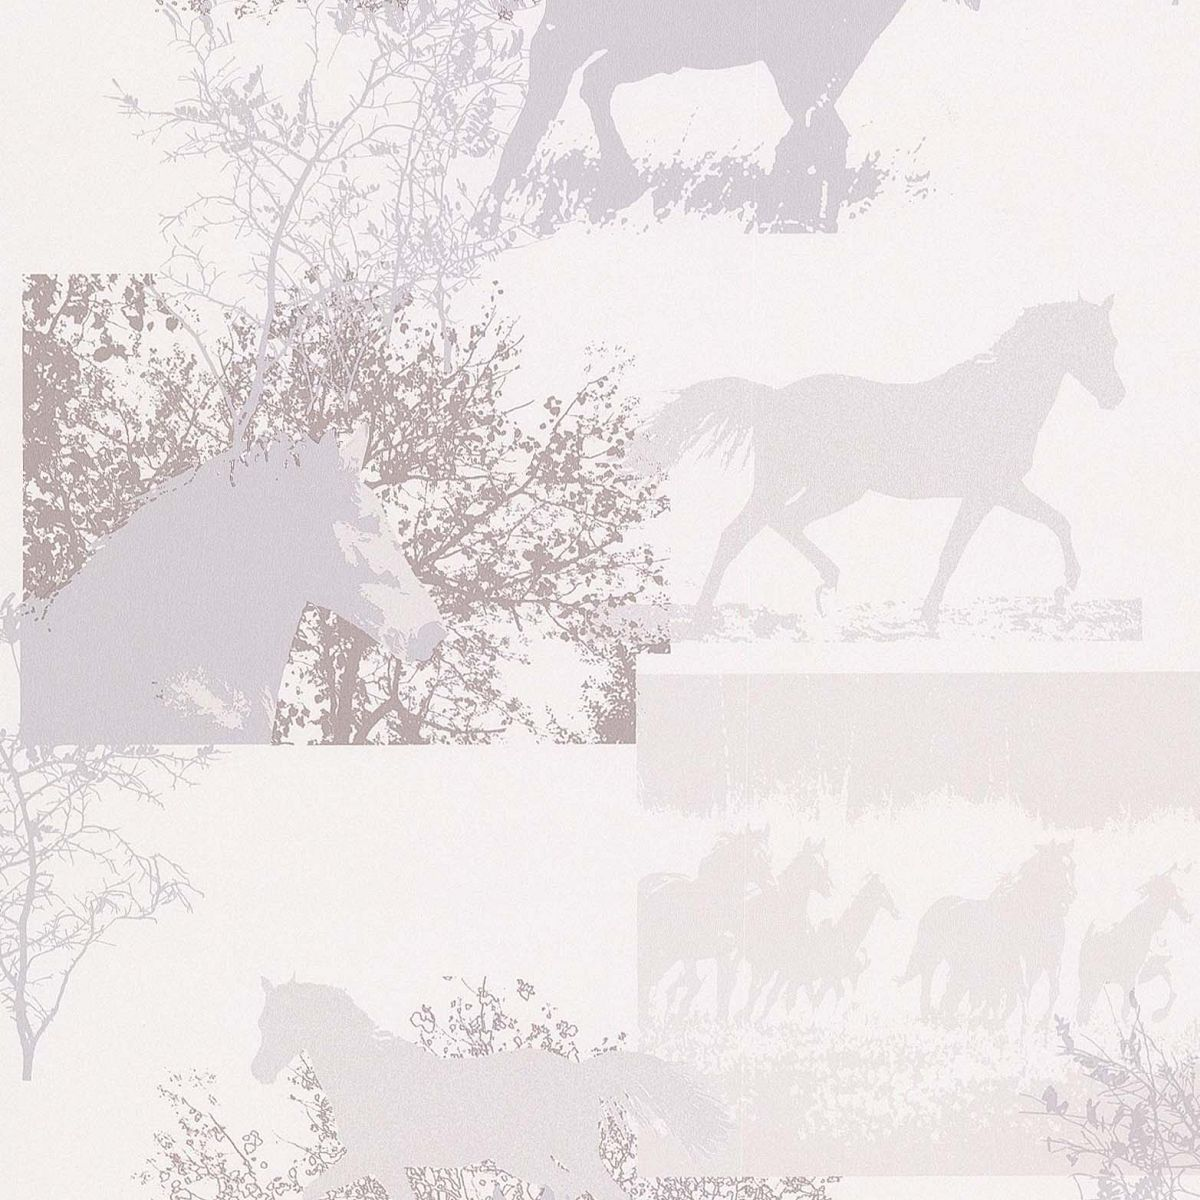 hochwertige tapeten und stoffe papiertapete mit pferden. Black Bedroom Furniture Sets. Home Design Ideas